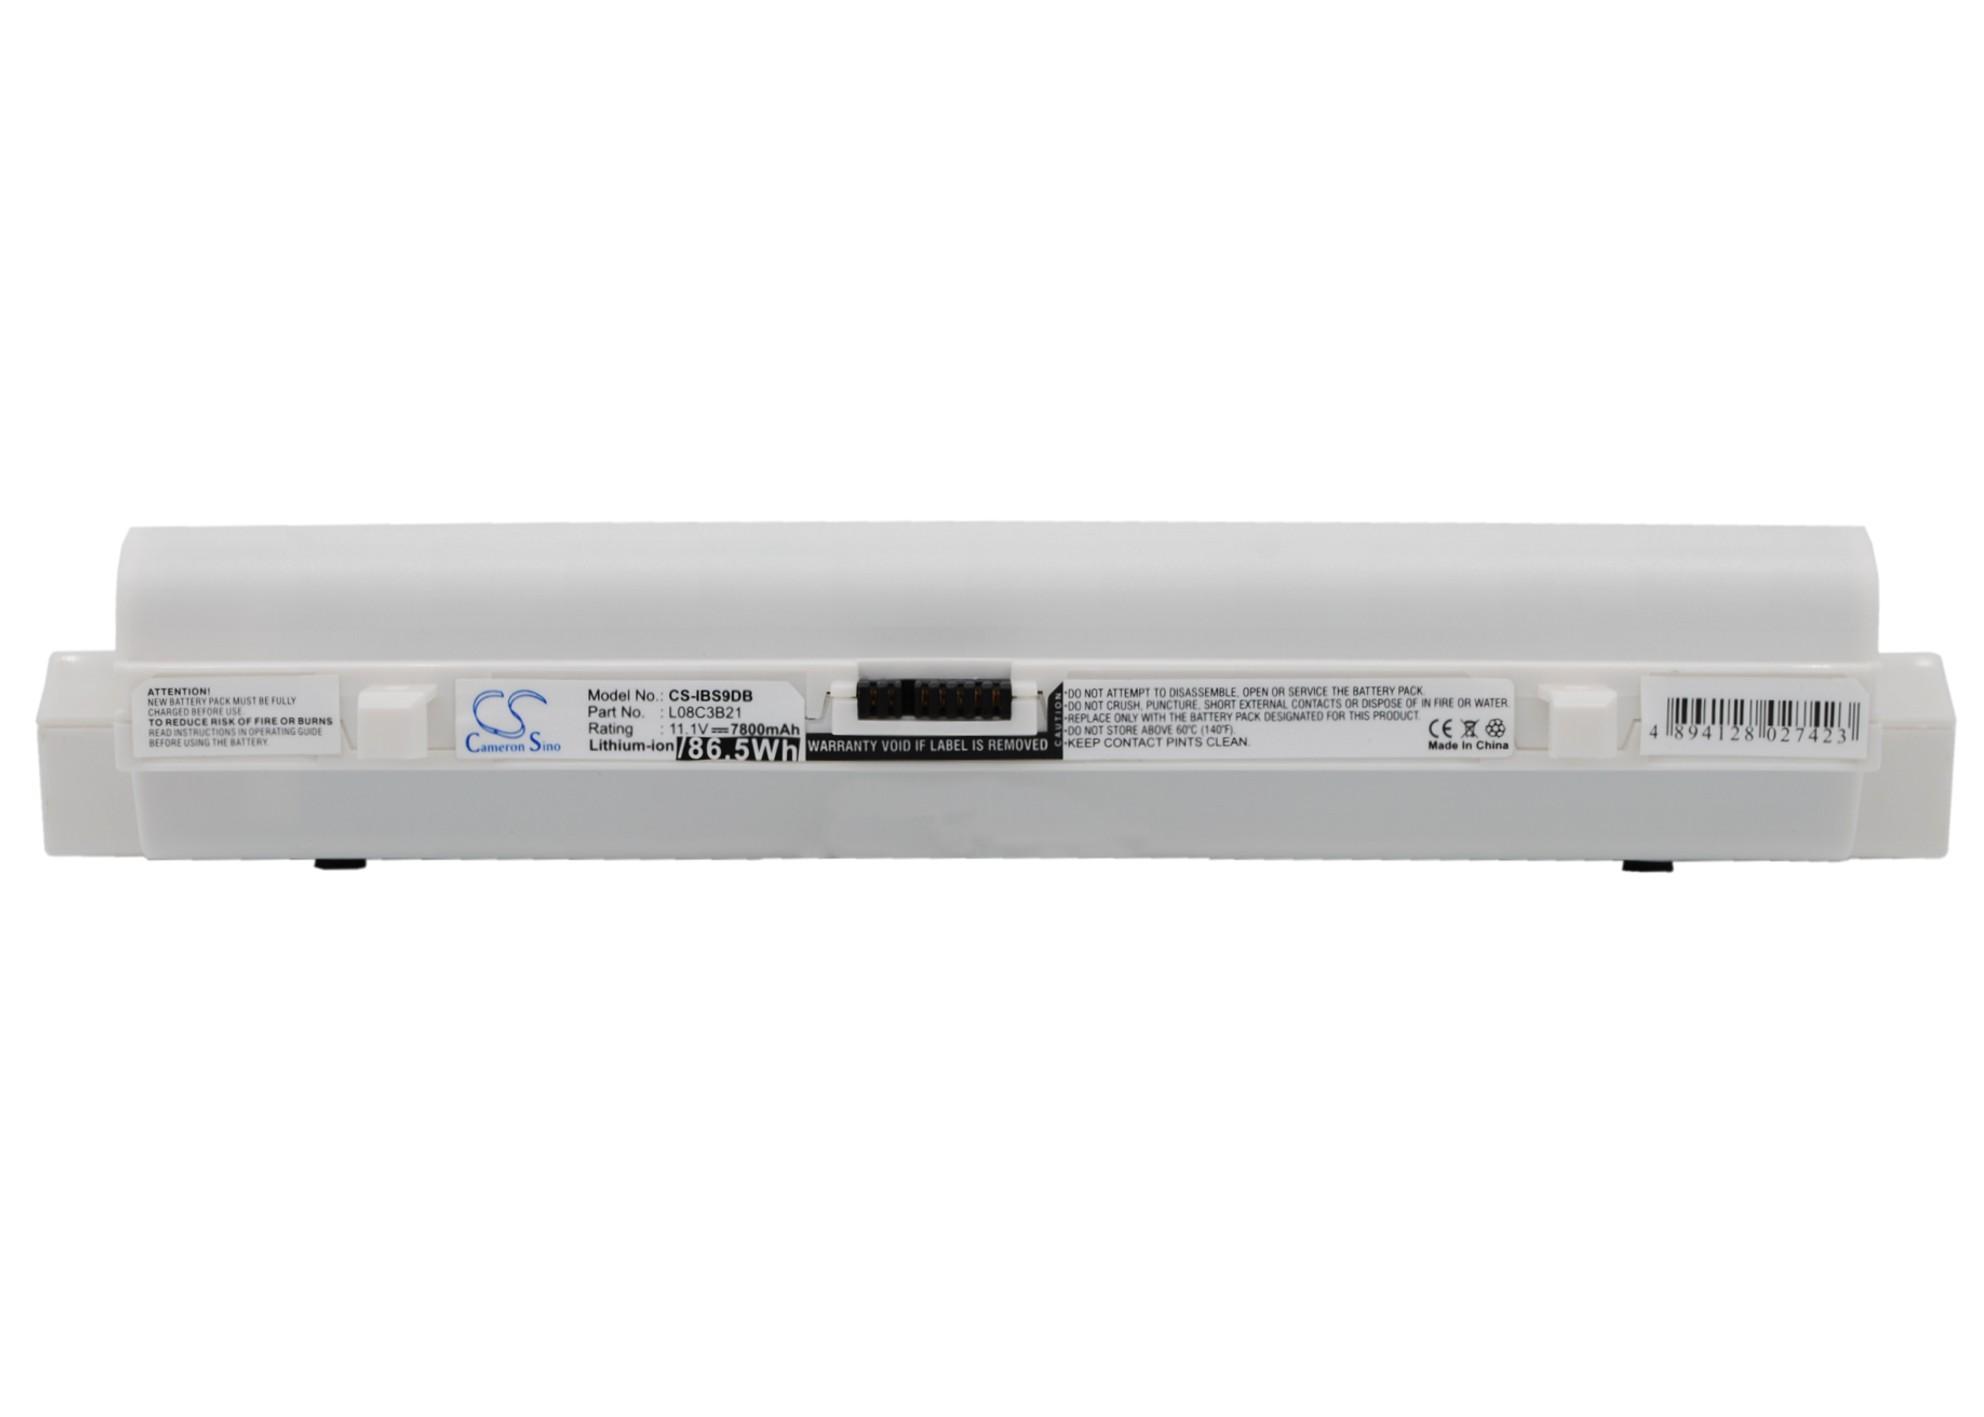 Cameron Sino baterie do notebooků pro LENOVO ideapad S9 11.1V Li-ion 7800mAh bílá - neoriginální